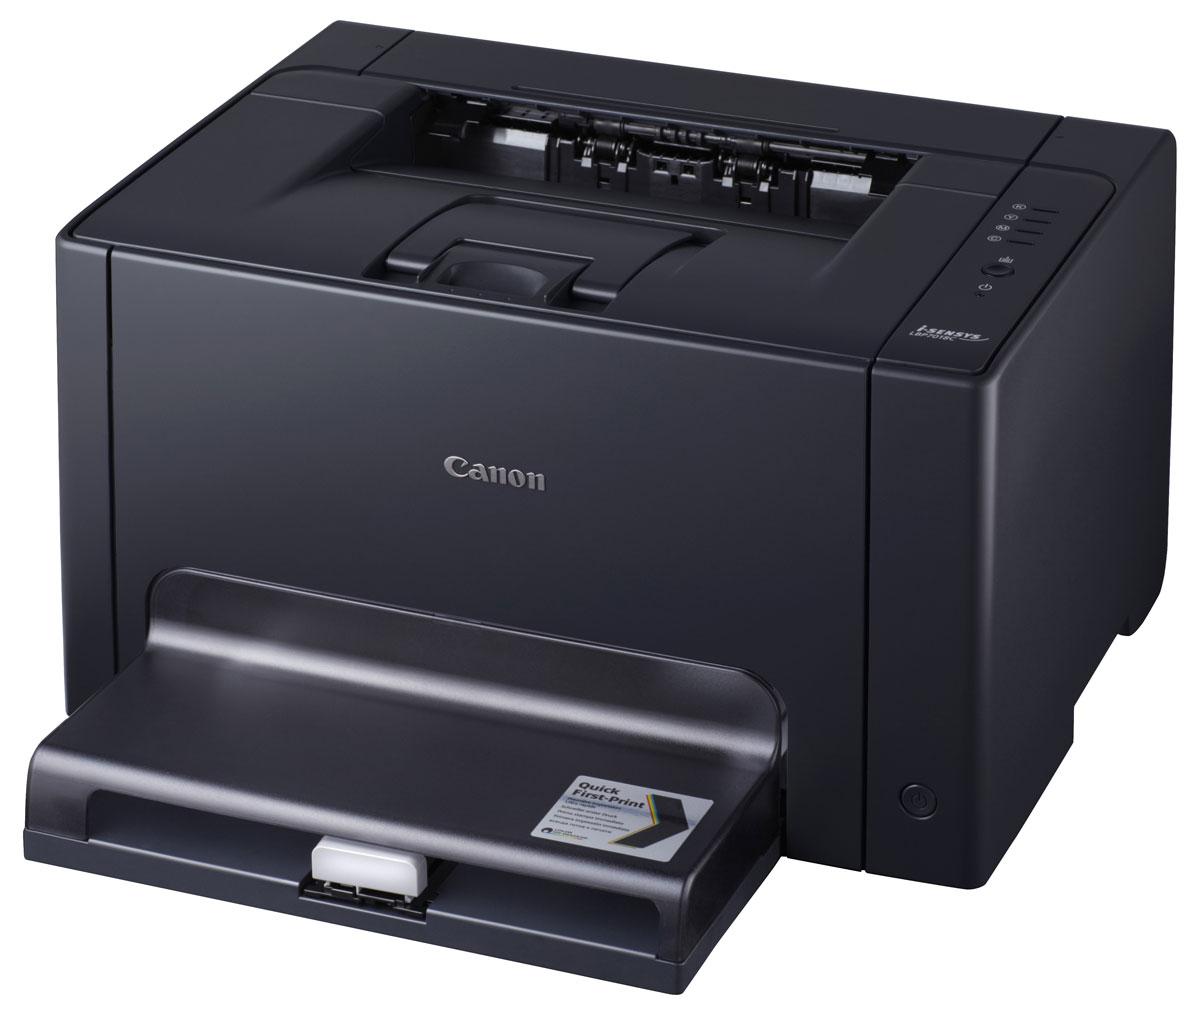 Canon i-Sensys LBP7018C лазерный принтер4896B004Миниатюрный цветной лазерный принтер Canon i-Sensys LBP7018C обеспечивает бескомпромиссное качество и непревзойденную экономию электроэнергии.Стильный, компактный дизайн:Компактная конструкция i-Sensys LBP7018C и низкий уровень шума при работе делают его идеальным настольным принтером для небольших или домашних офисов. Компактный и быстро реагирующий, этот доступный лазерный принтер обеспечивает исключительное качество цветной печати.Быстрая печать:Время ожидания результатов печати сводится к минимуму благодаря технологии Quick First-Print Canon. Скорость печати 16 стр./мин. в черно-белом и 4 стр./мин. в цветном режиме. Благодаря функции First Print Out Time в черно-белом режиме время выхода первого листа всего 13,6 с.Великолепный результат — в цветном и черно-белом режиме:Добейтесь успеха с отличным качеством отпечатков. Благодаря разрешению печати 2400 x 600 точек на дюйм Вы заметите улучшенную детализацию, резкость контуров, четкий текст и плавные градации оттенков серого. Превосходная обработка изображений Canon и инновационный S-тонер гарантируют превосходное качество цветных отпечатков.Сократите затраты благодаря низкому энергопотреблению:Отличная энергоэффективность i-Sensys LBP7018C позволяет экономить деньги и снизить стоимость владения, а также уменьшить выбросы парниковых газов. Благодаря стремлению Canon к защите окружающей среды и созданию самых экологически безвредных устройств, этот цветной лазерный принтер получил сертификацию Energy Star. Его рейтинг типичного энергопотребления (TEC) всего 0,5 кВт.ч, а в режиме сна — всего 1,1 Вт, что делает этот принтер самым энергоэффективным в своем классе.Простой в эксплуатации:Этот принтер исключительно легок в настройке и эксплуатации. Тонер-картриджи легко заменять, а специальные функции снижения шума делают его еще тише и приятнее в использовании, так, что Вы можете сконцентрироваться на своих делах. Вы можете быть спокойны на счет того, что удобный в пользован